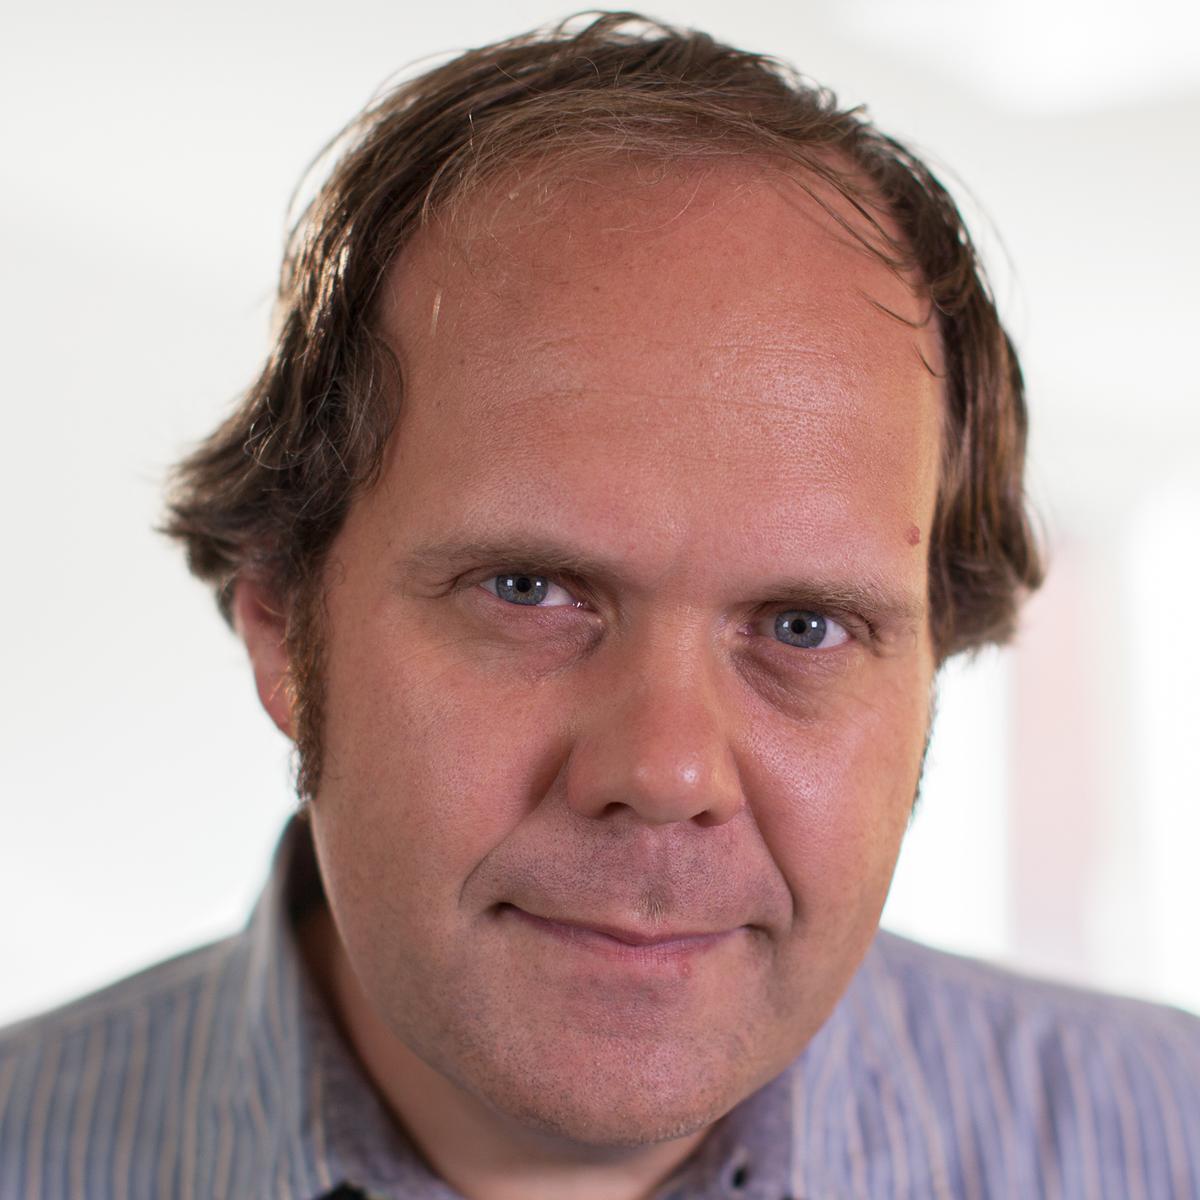 Niels Beintker